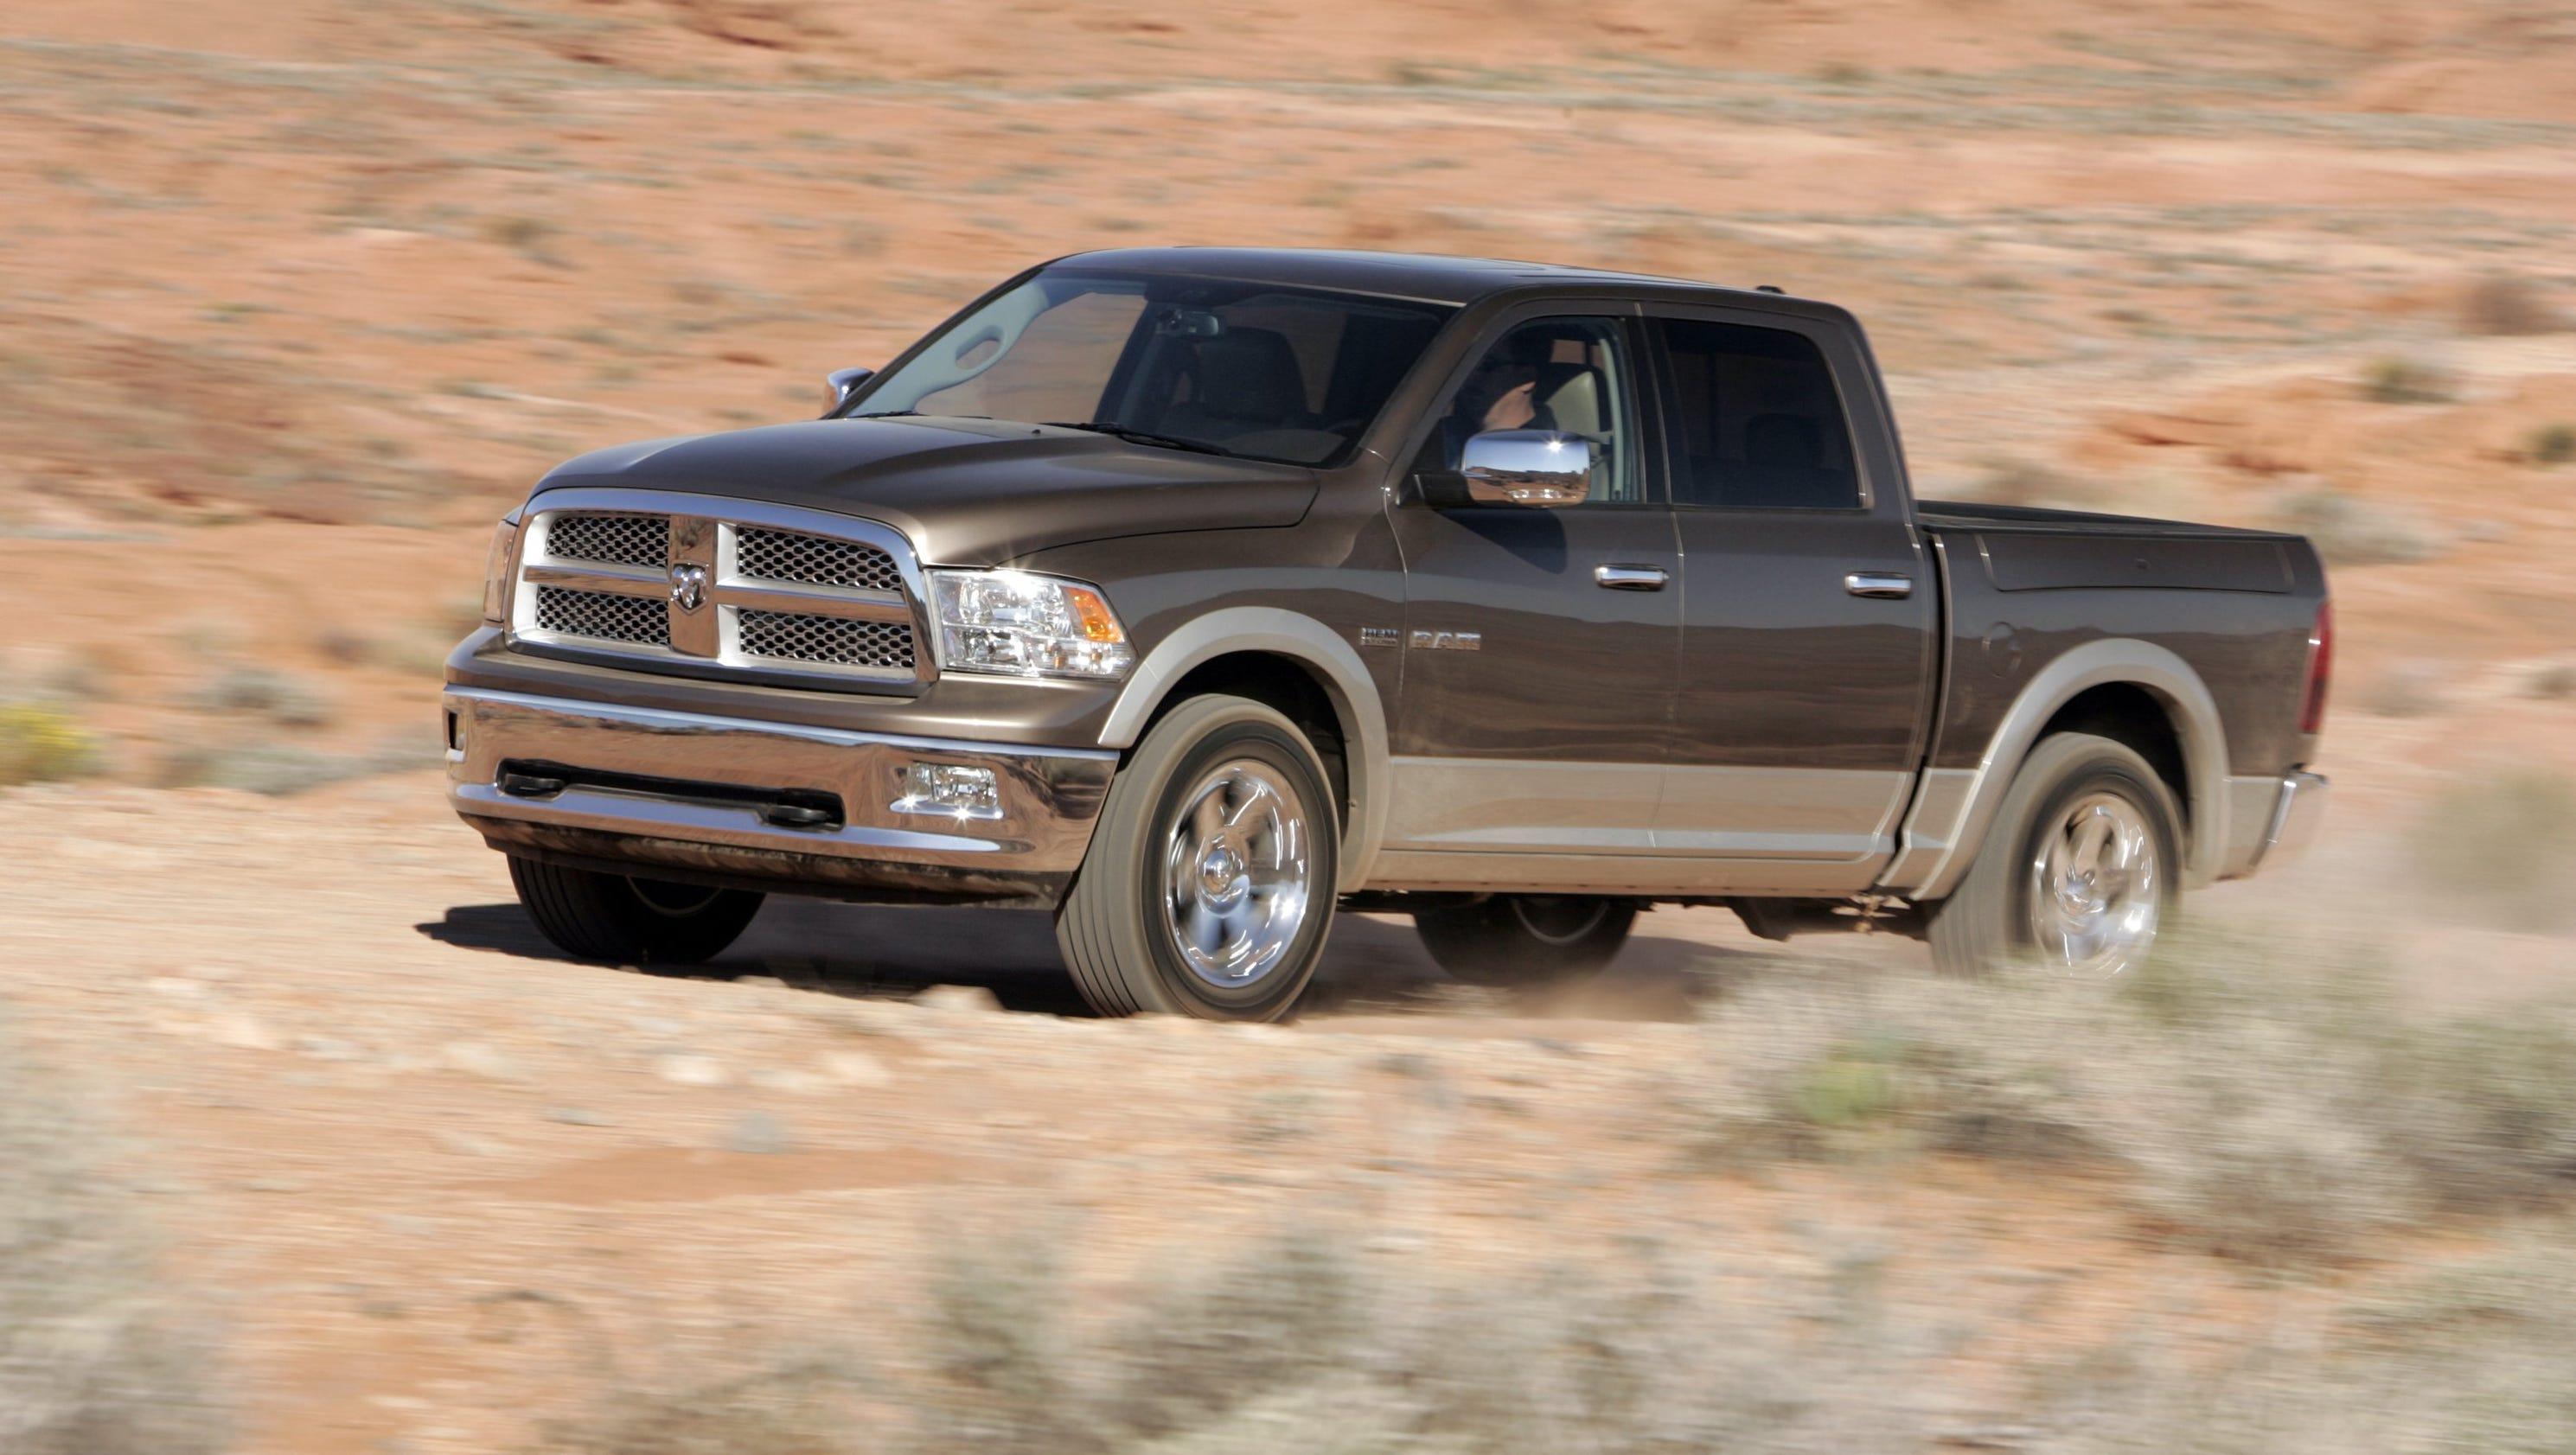 tilbury drtfst dodge for in sale chrysler tilburychrysler ram trucks